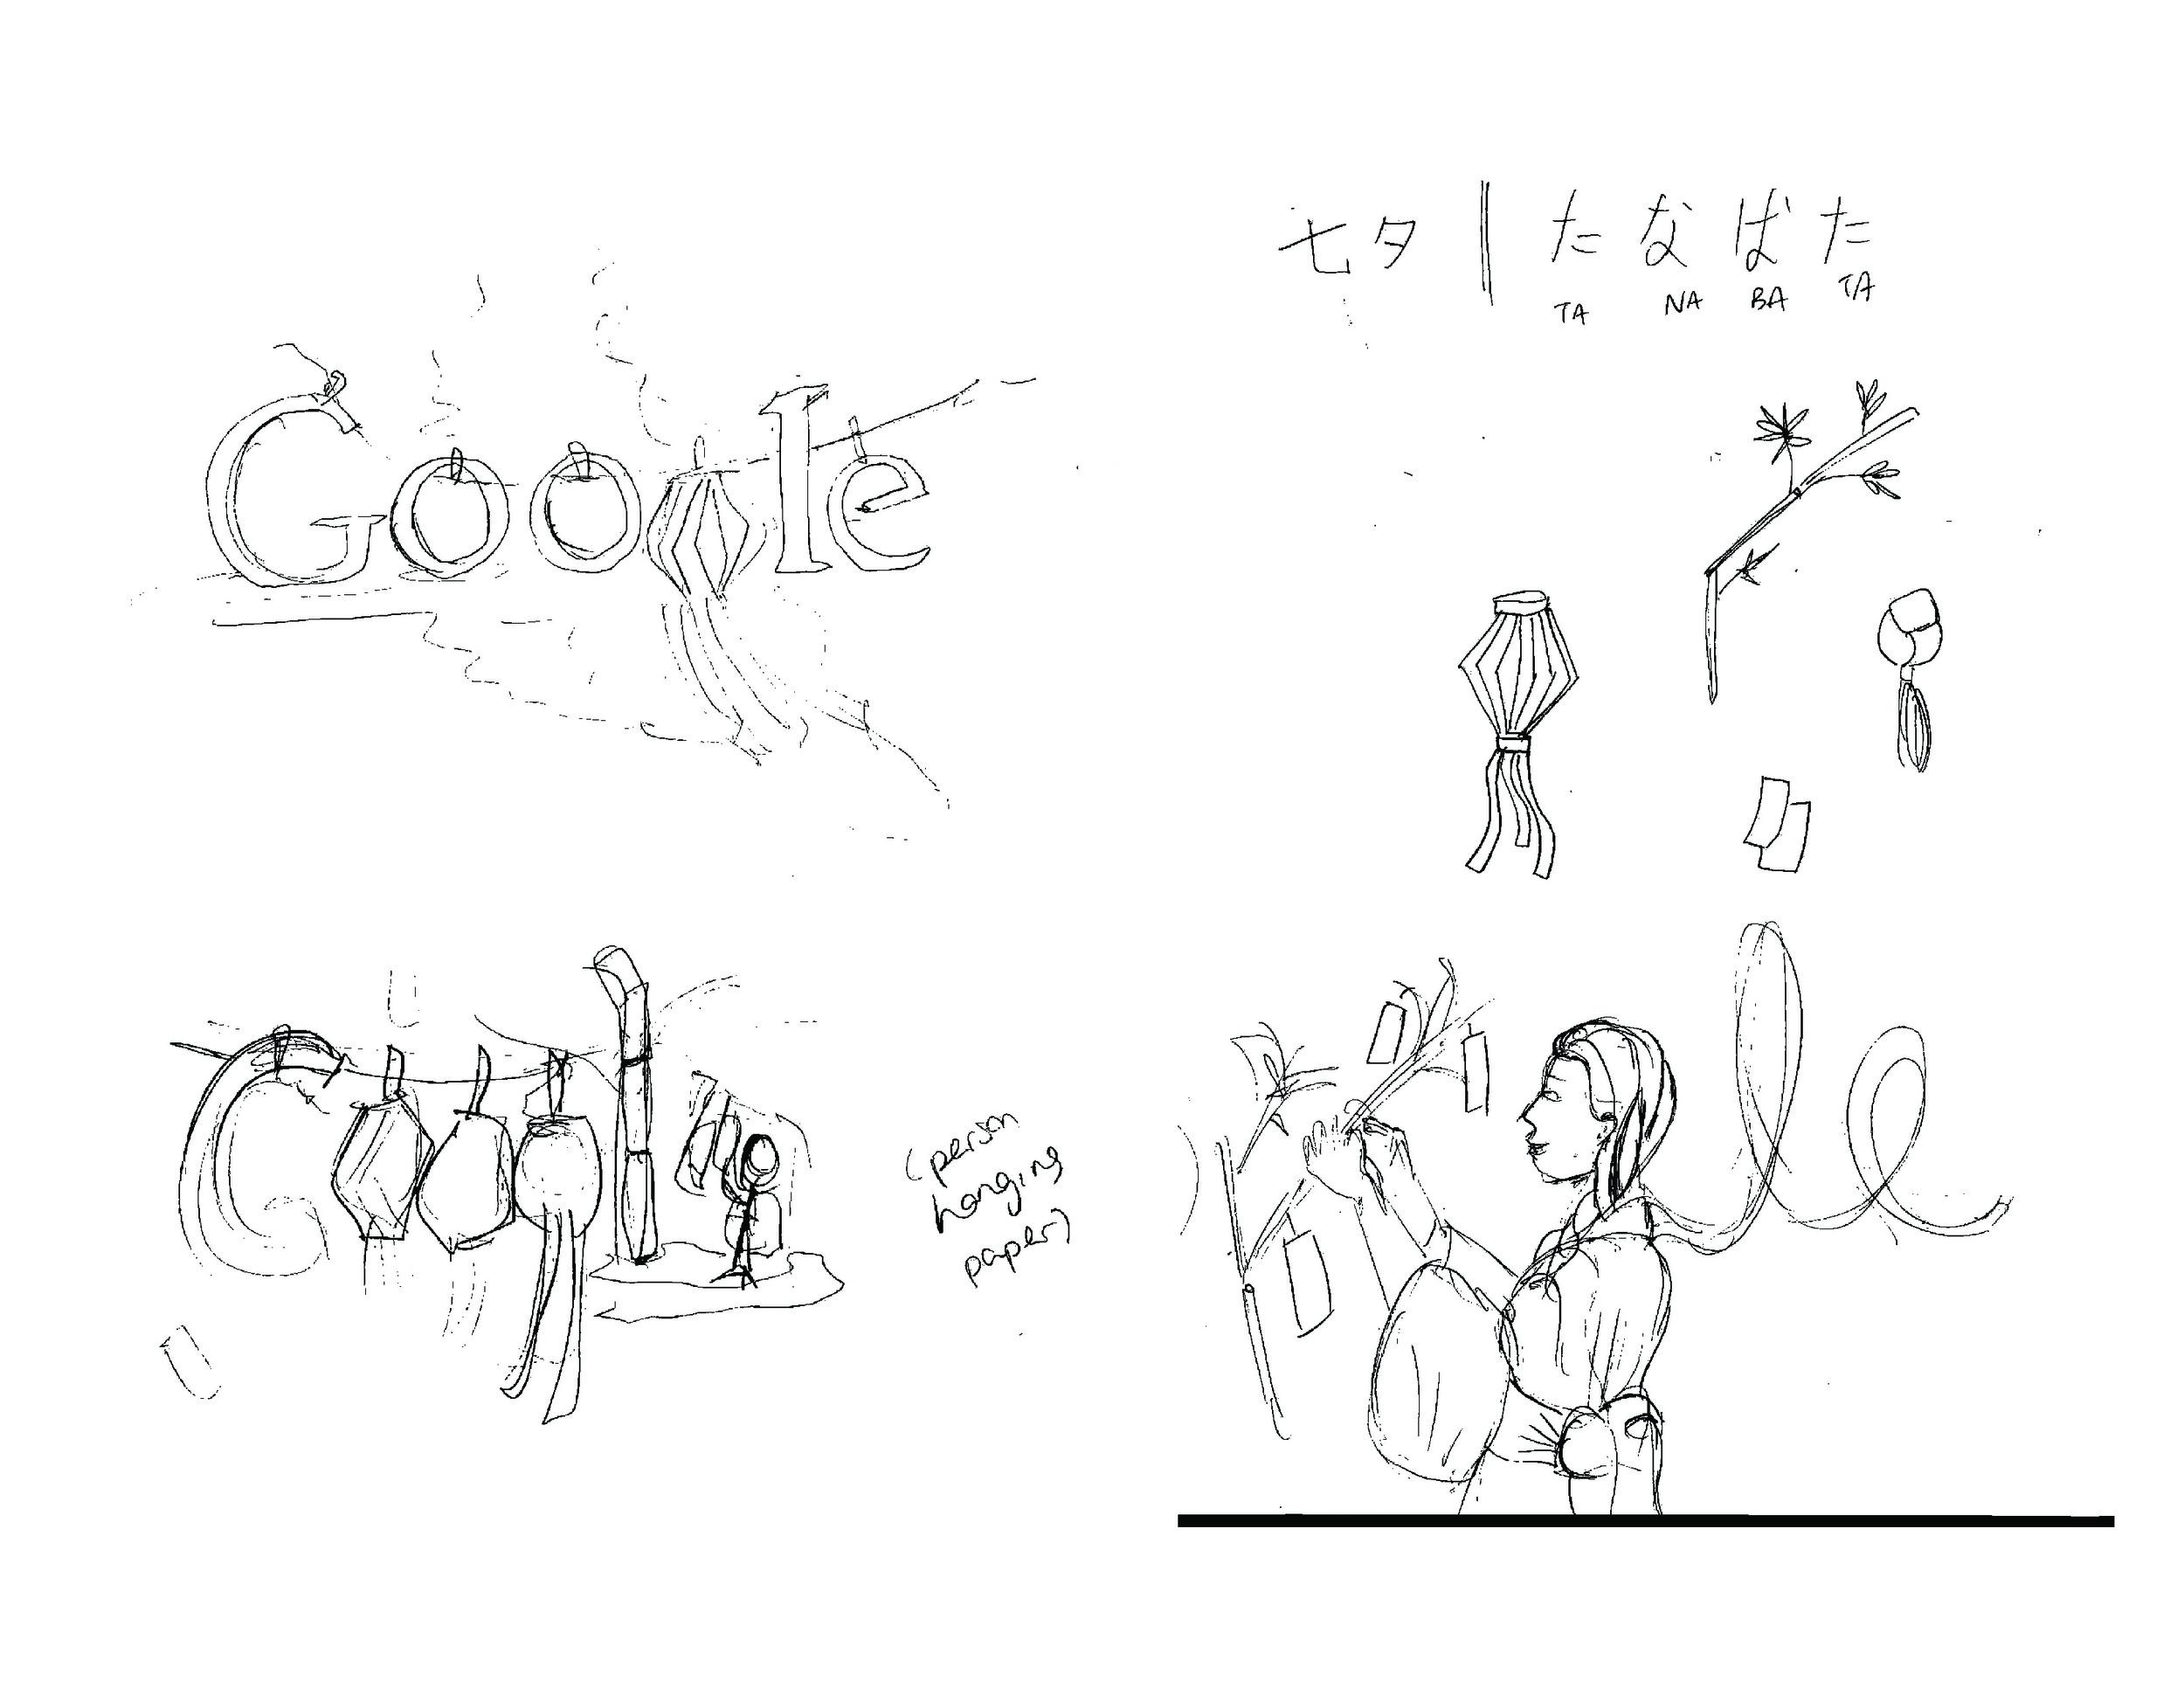 tanabata_sketches-04.jpg